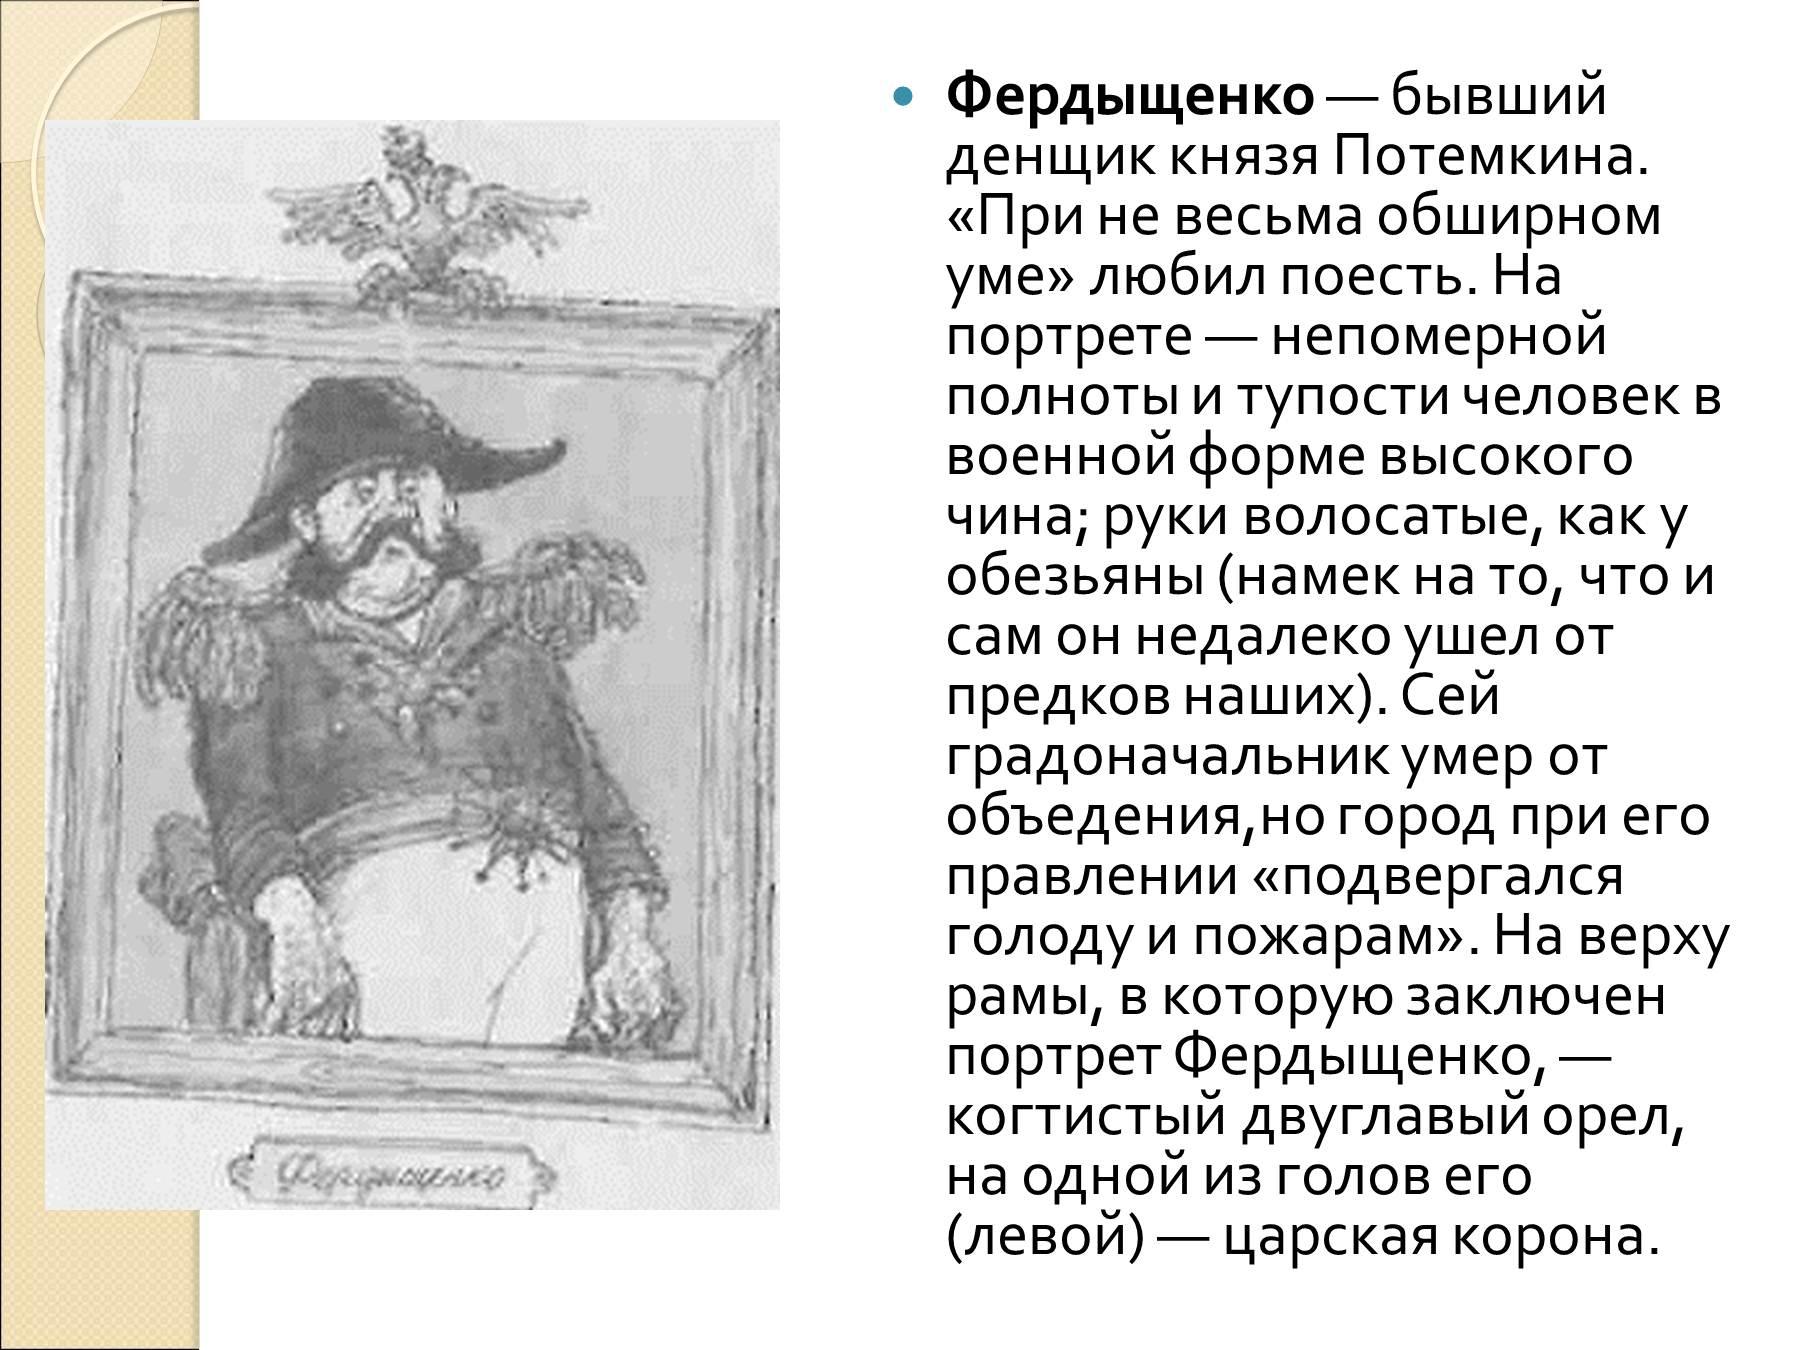 презентация история одного города салтыков щедрин